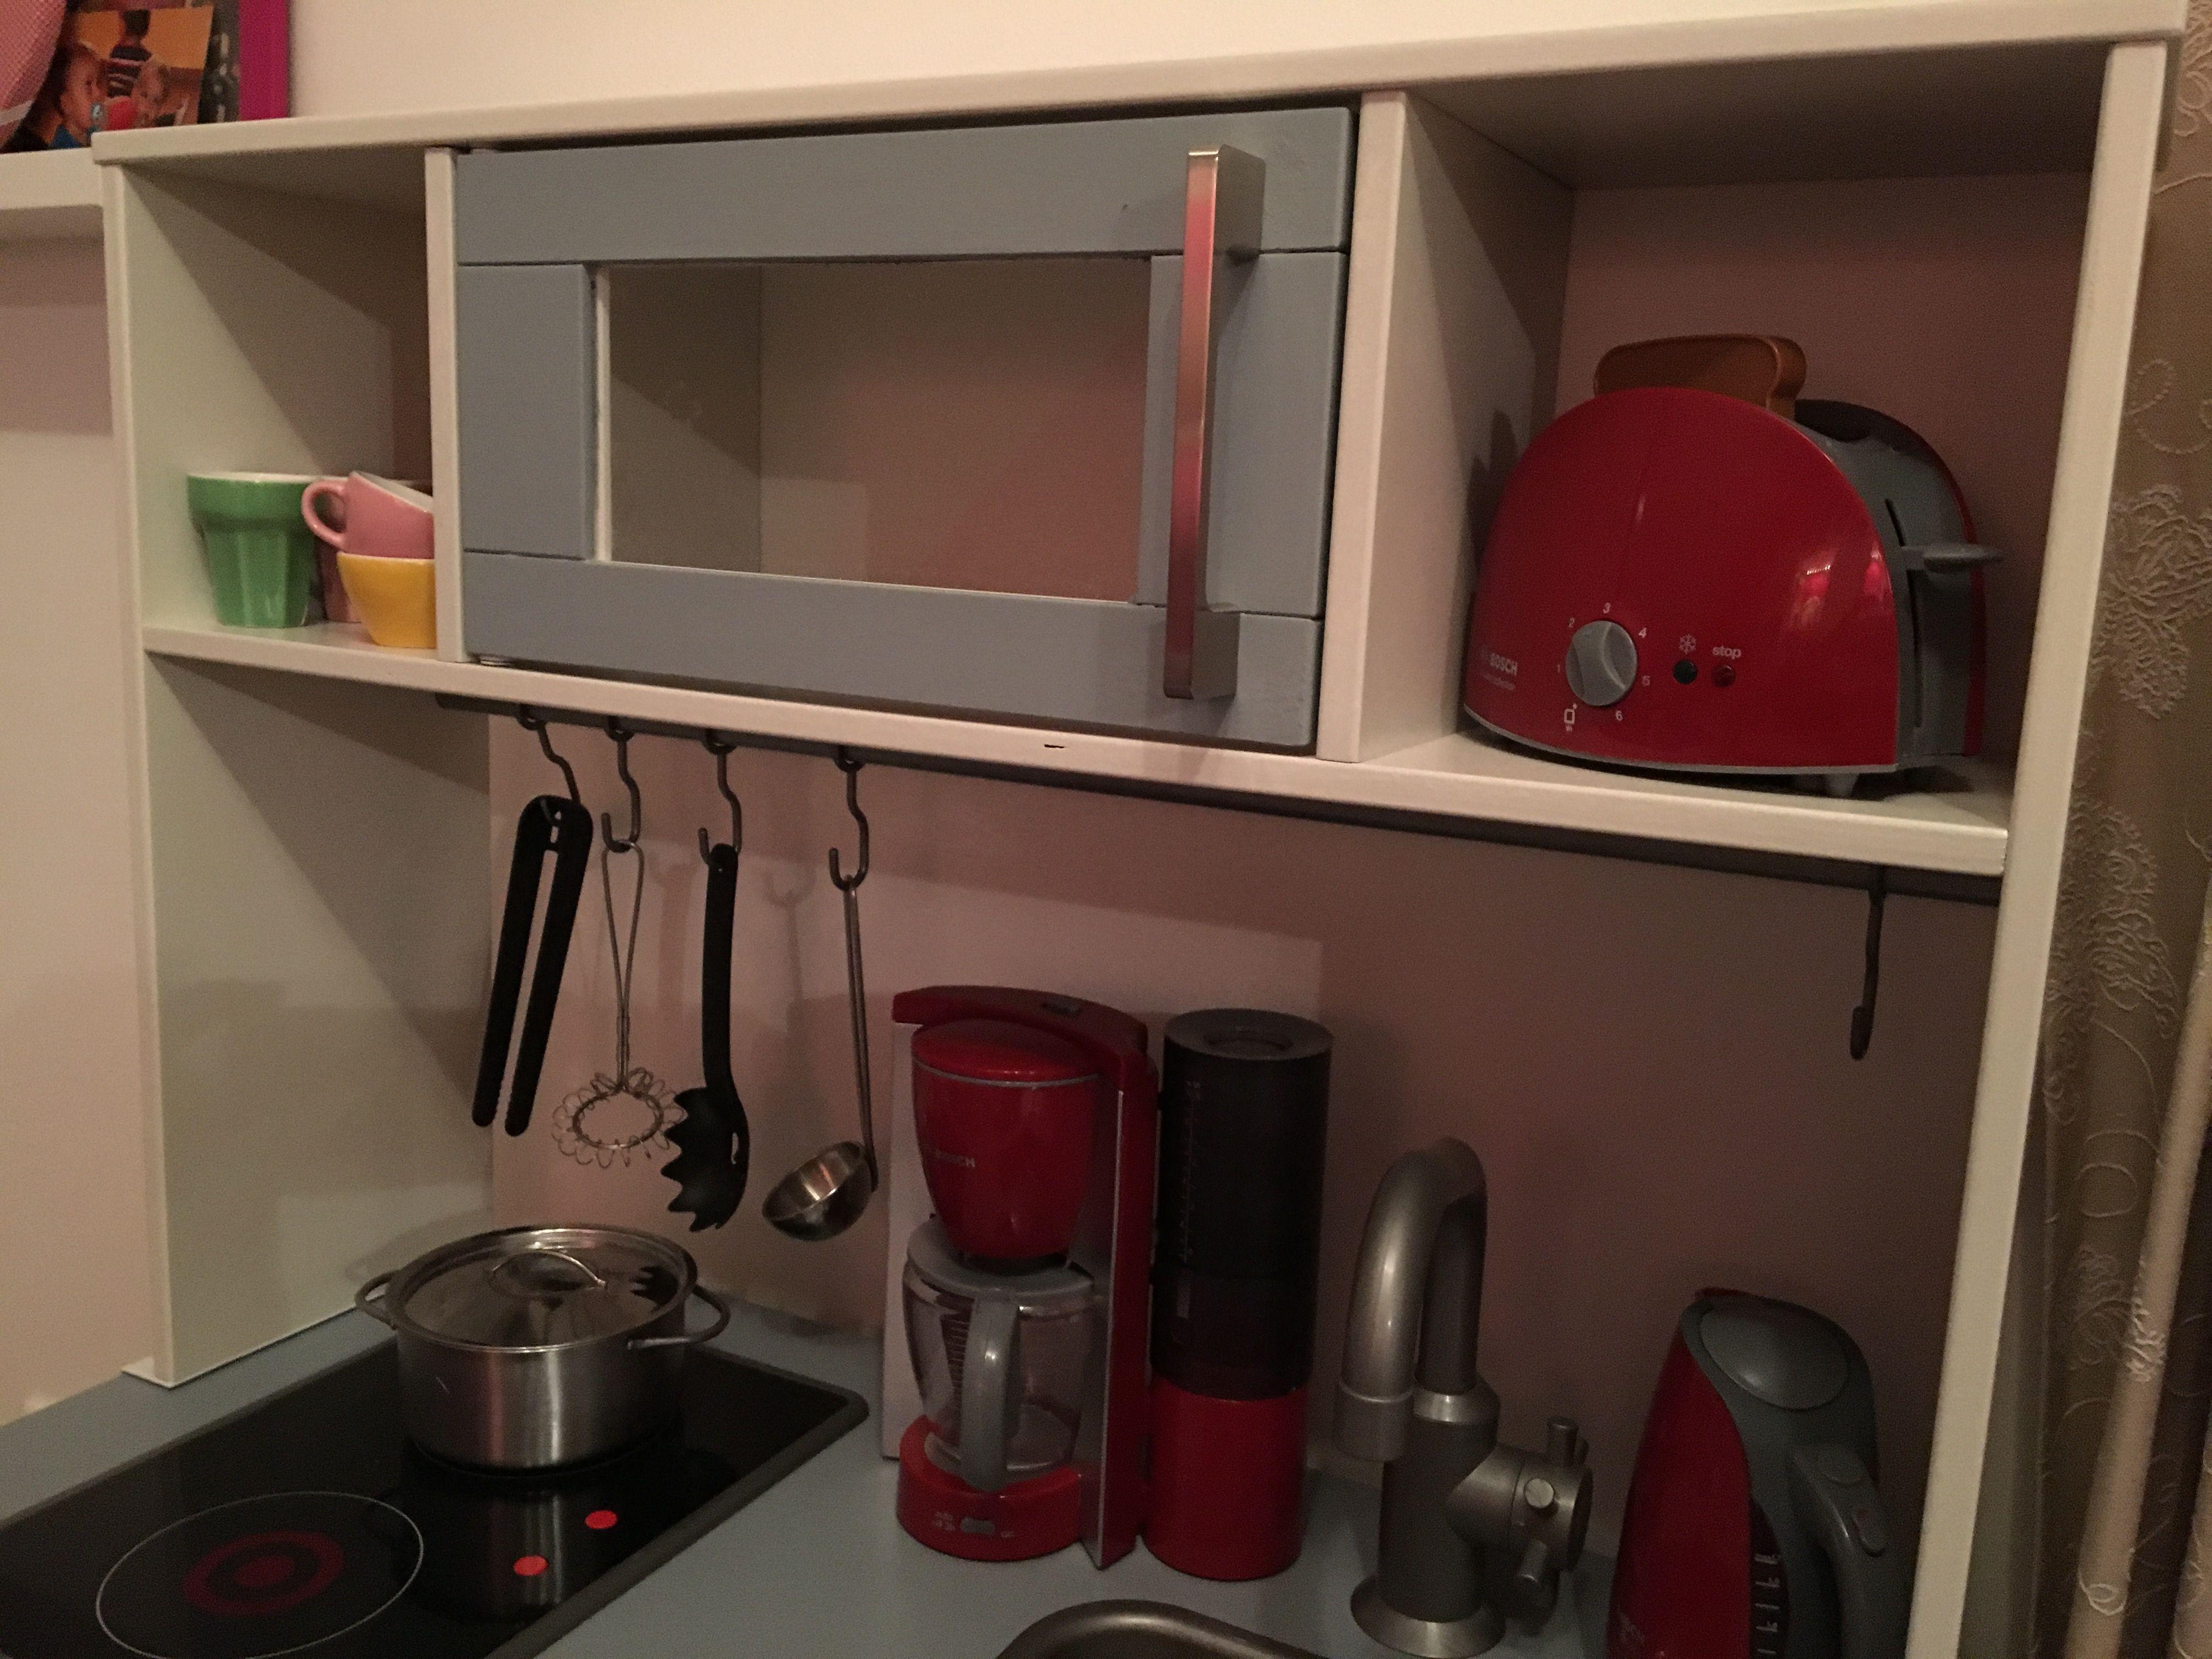 Erfreut Küchenschrank Lagerung Hacks Bilder - Küchenschrank Ideen ...